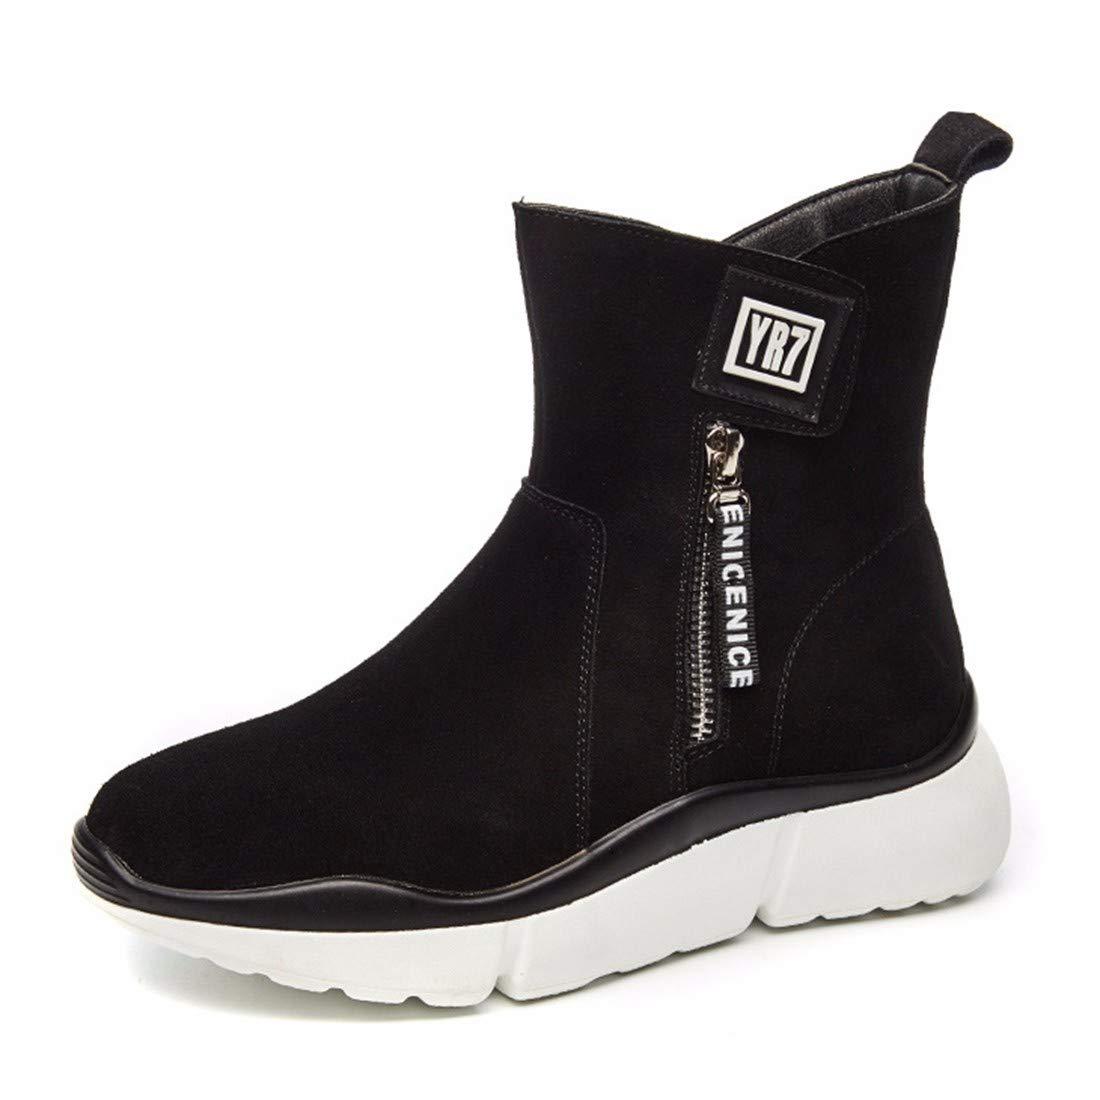 BeatinToes Damen Winter Warm Anti Slip Wasserdicht Naturleder Martin Stiefel Hang Casual Schuhe Reine Farbe Kurze Stiefel